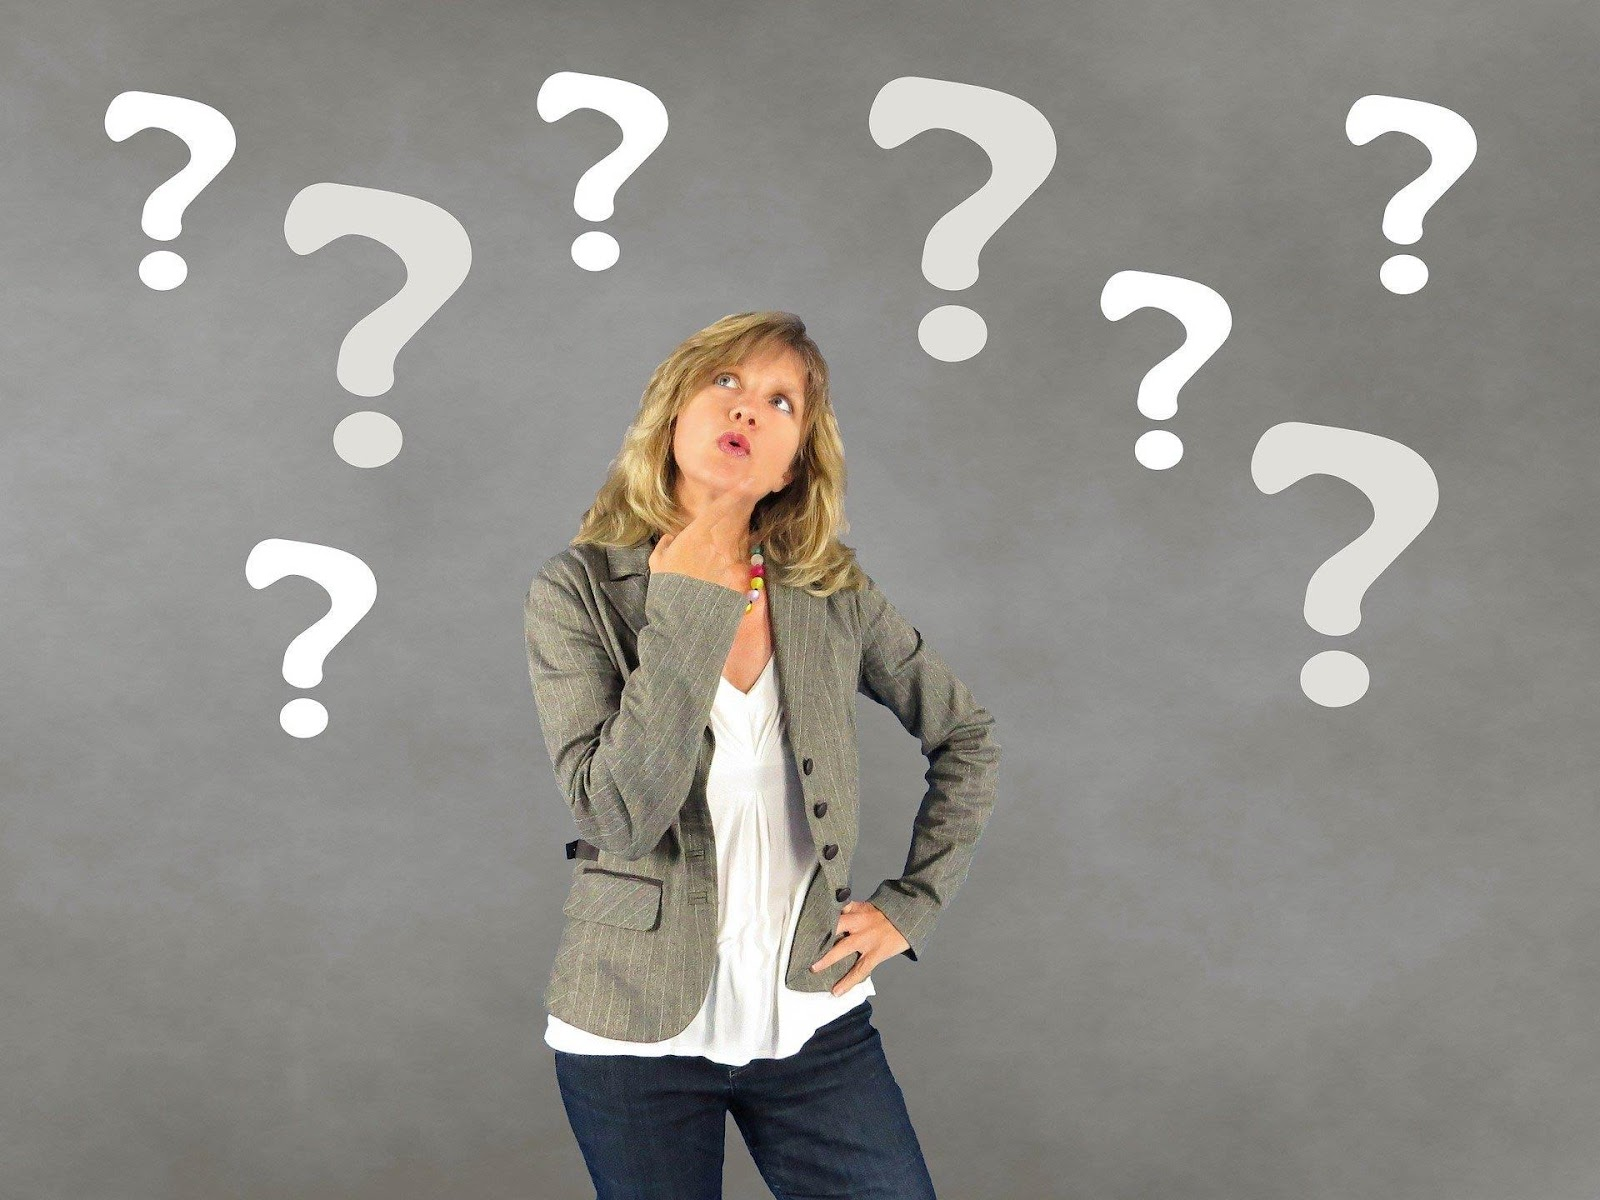 Femme qui se pose des questions | Vendre ses photos en ligne